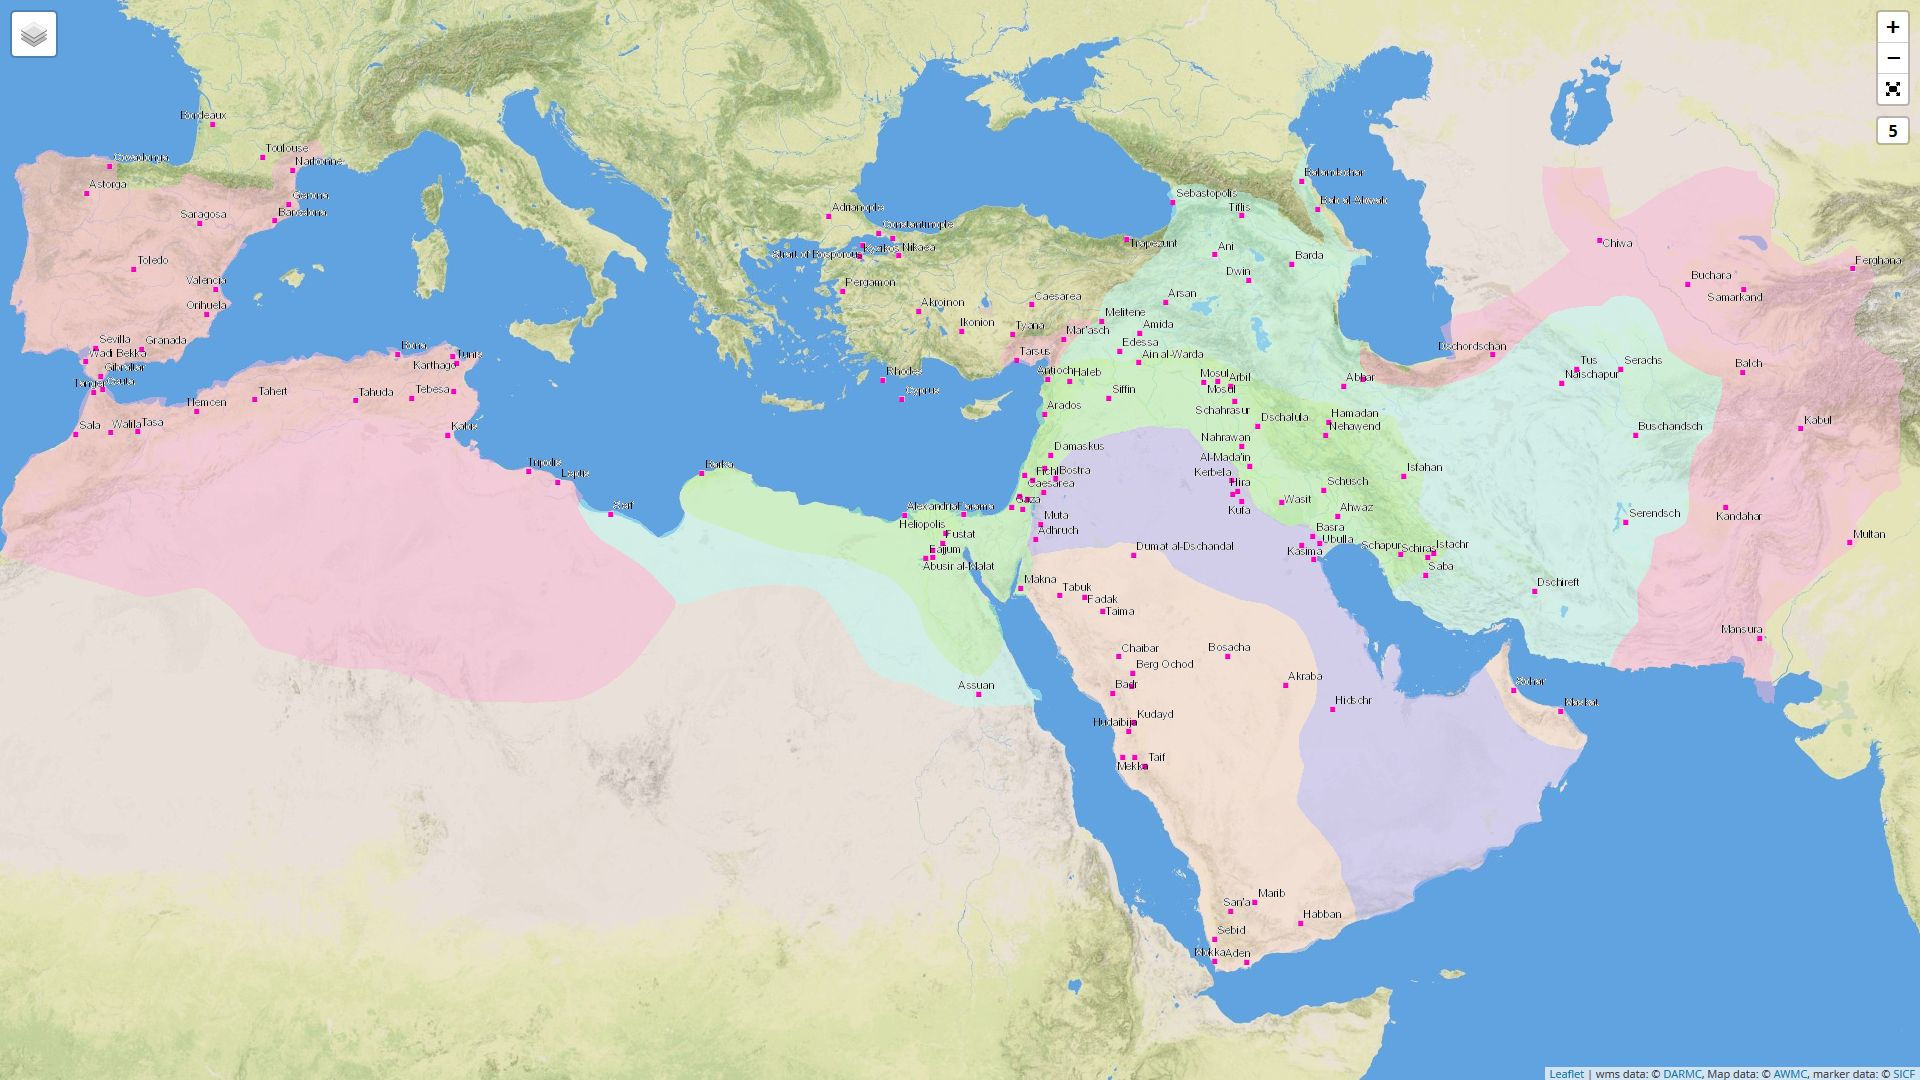 Digital Atlas of Roman and Medieval Civilizations: Karte mit islamischen Gebieten und Städten